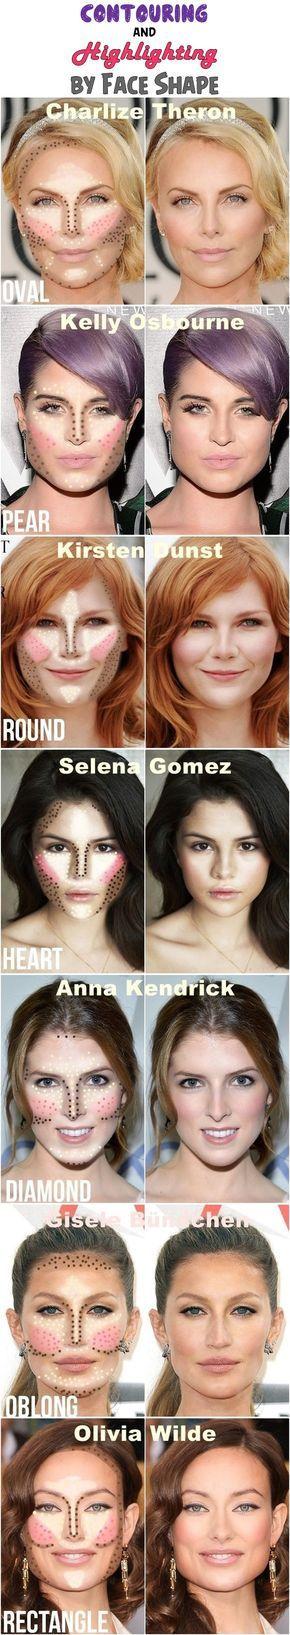 Tus actrices favoritas usan la técnica de maquillaje del momento. El Contouring. Mira cómo lo aplica cada una. Esto lo puedes lograr tu también usando un corrector un tono mas oscuro que tu piel para definir, un corrector un tono mas claro que tu piel para resaltar y el rubor adecuado según tu tono de piel para las mejillas